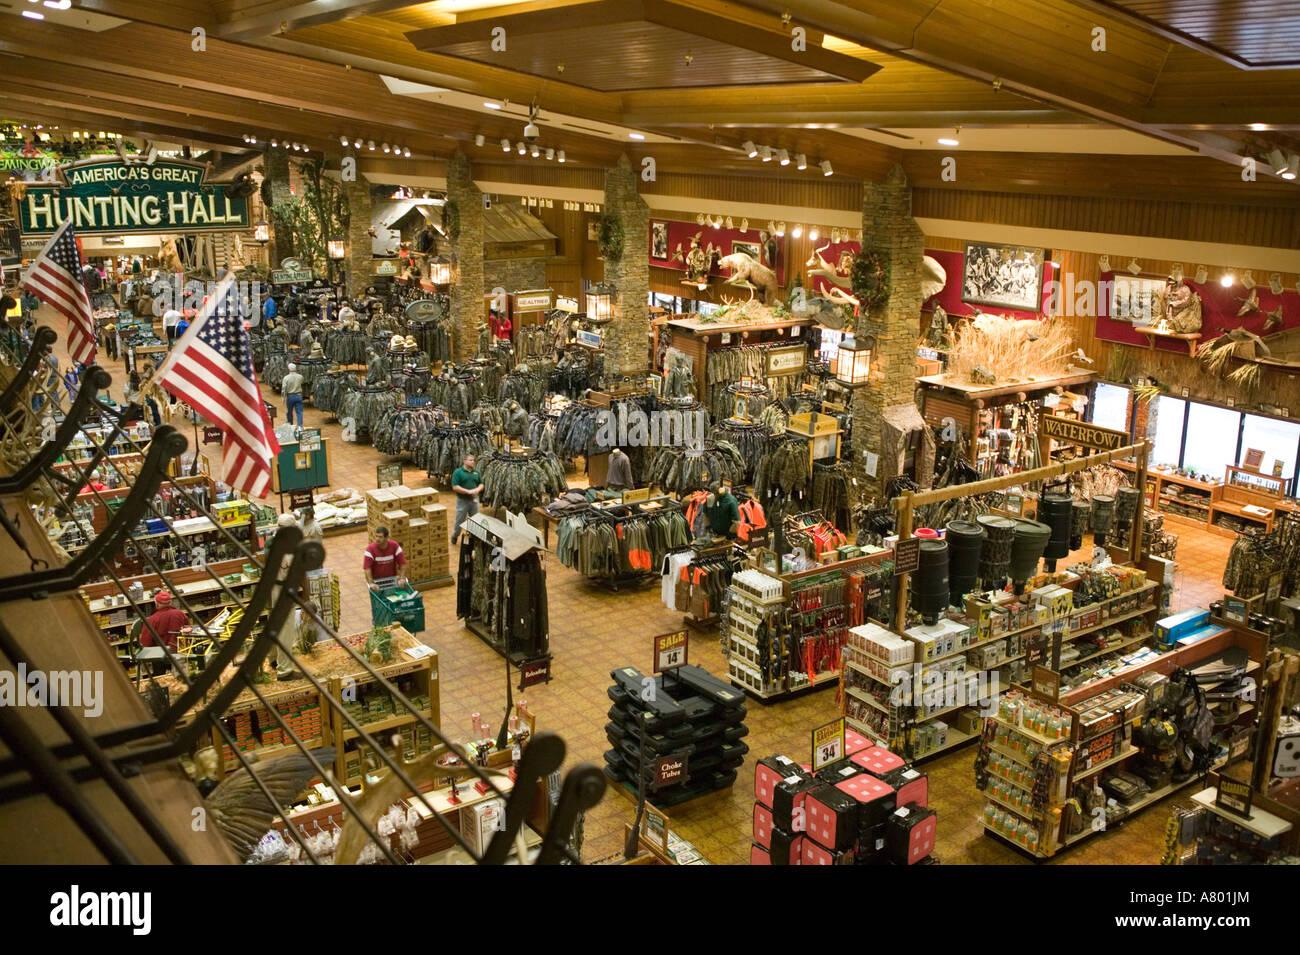 USA, Missouri, Springfield, Bass Pro Shops Outdoor World, outdoor